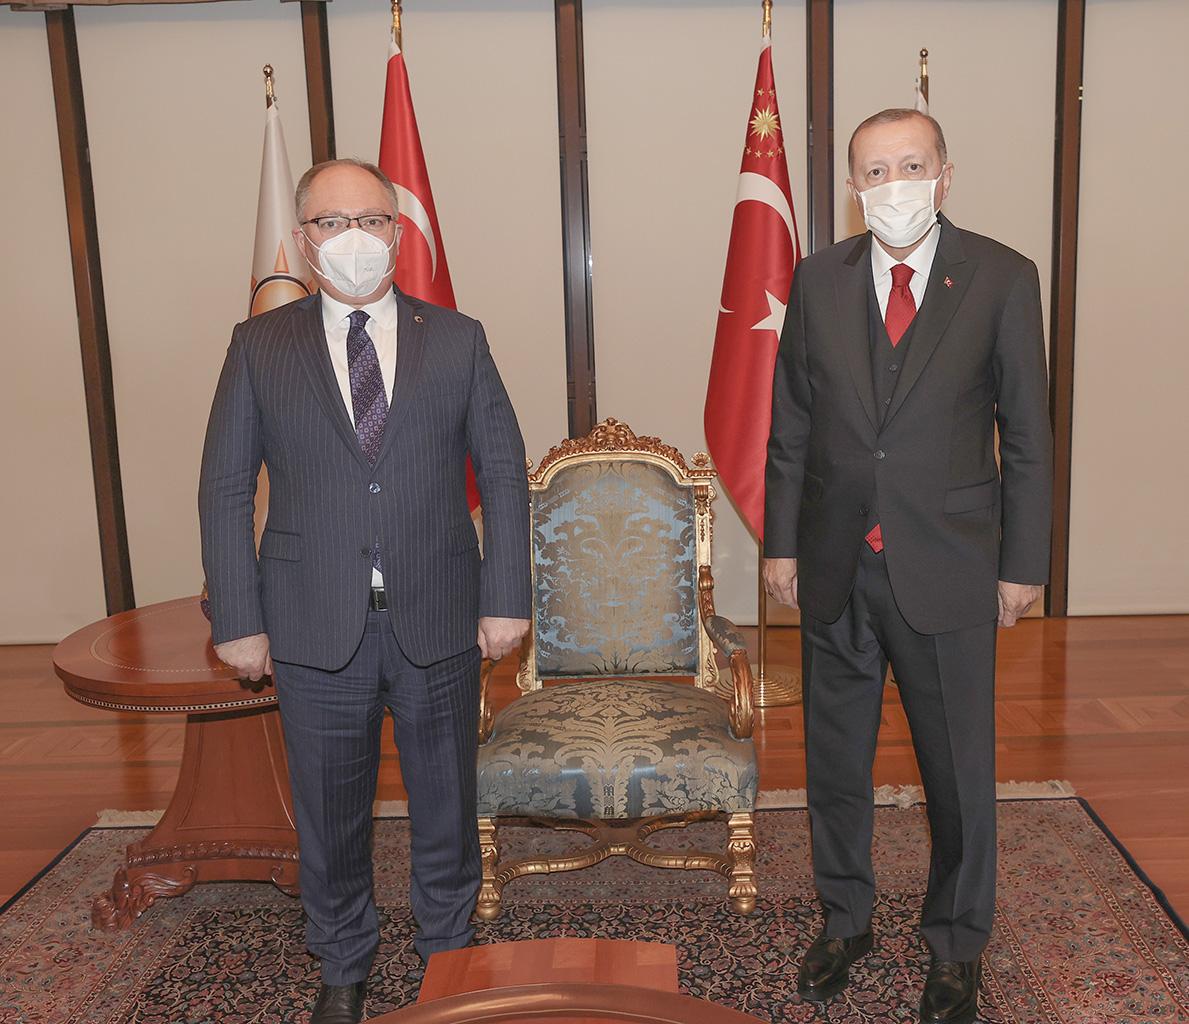 Sivas Belediye Başkanı Hilmi Bilgin, Cumhurbaşkanı Erdoğan'la görüştü - Ohediyo